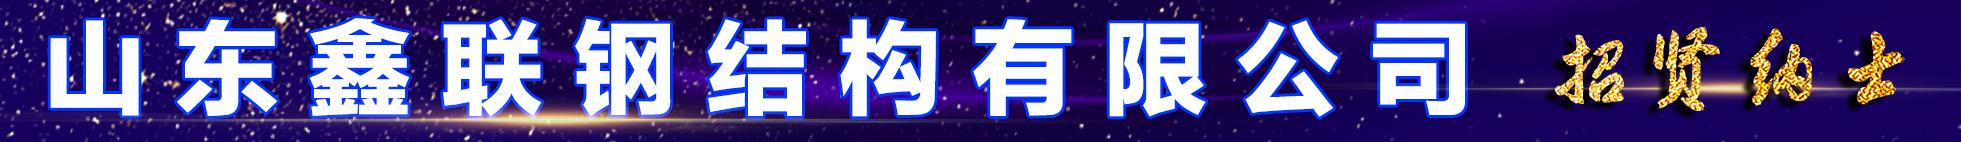 山�|鑫���Y��有限公司